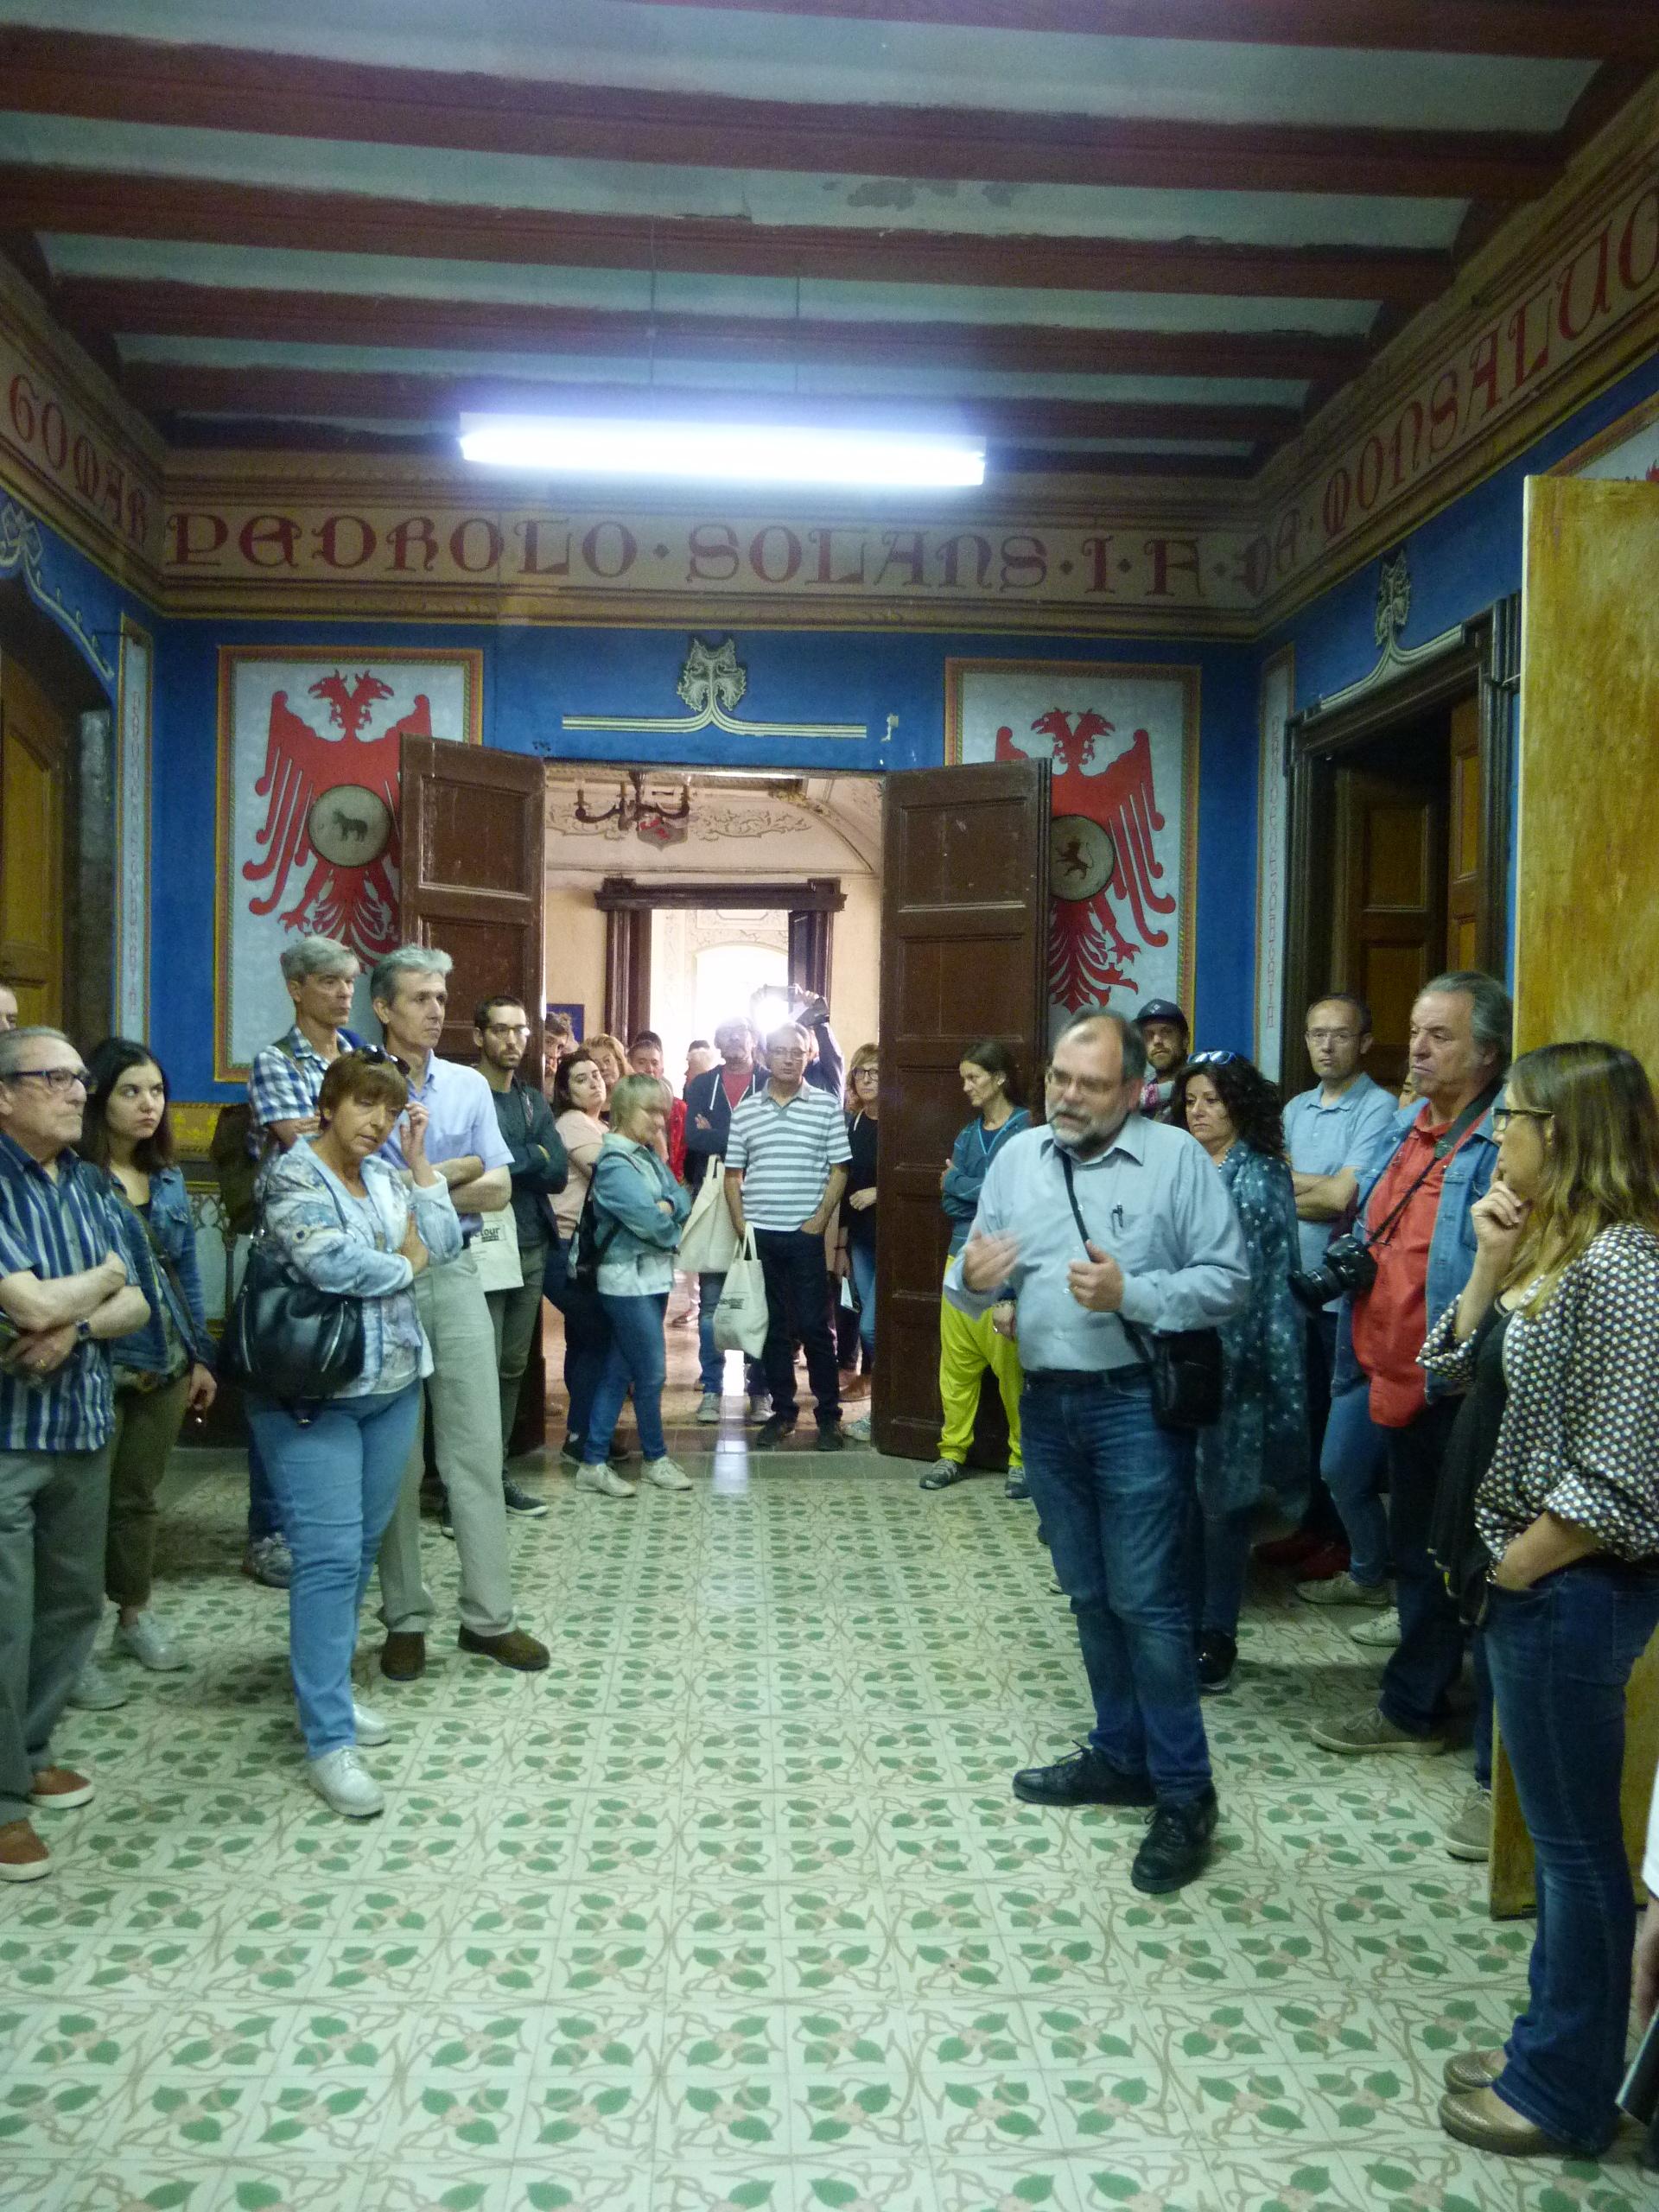 Fotos col·legi d'arquitectes de Lleida (5).JPG